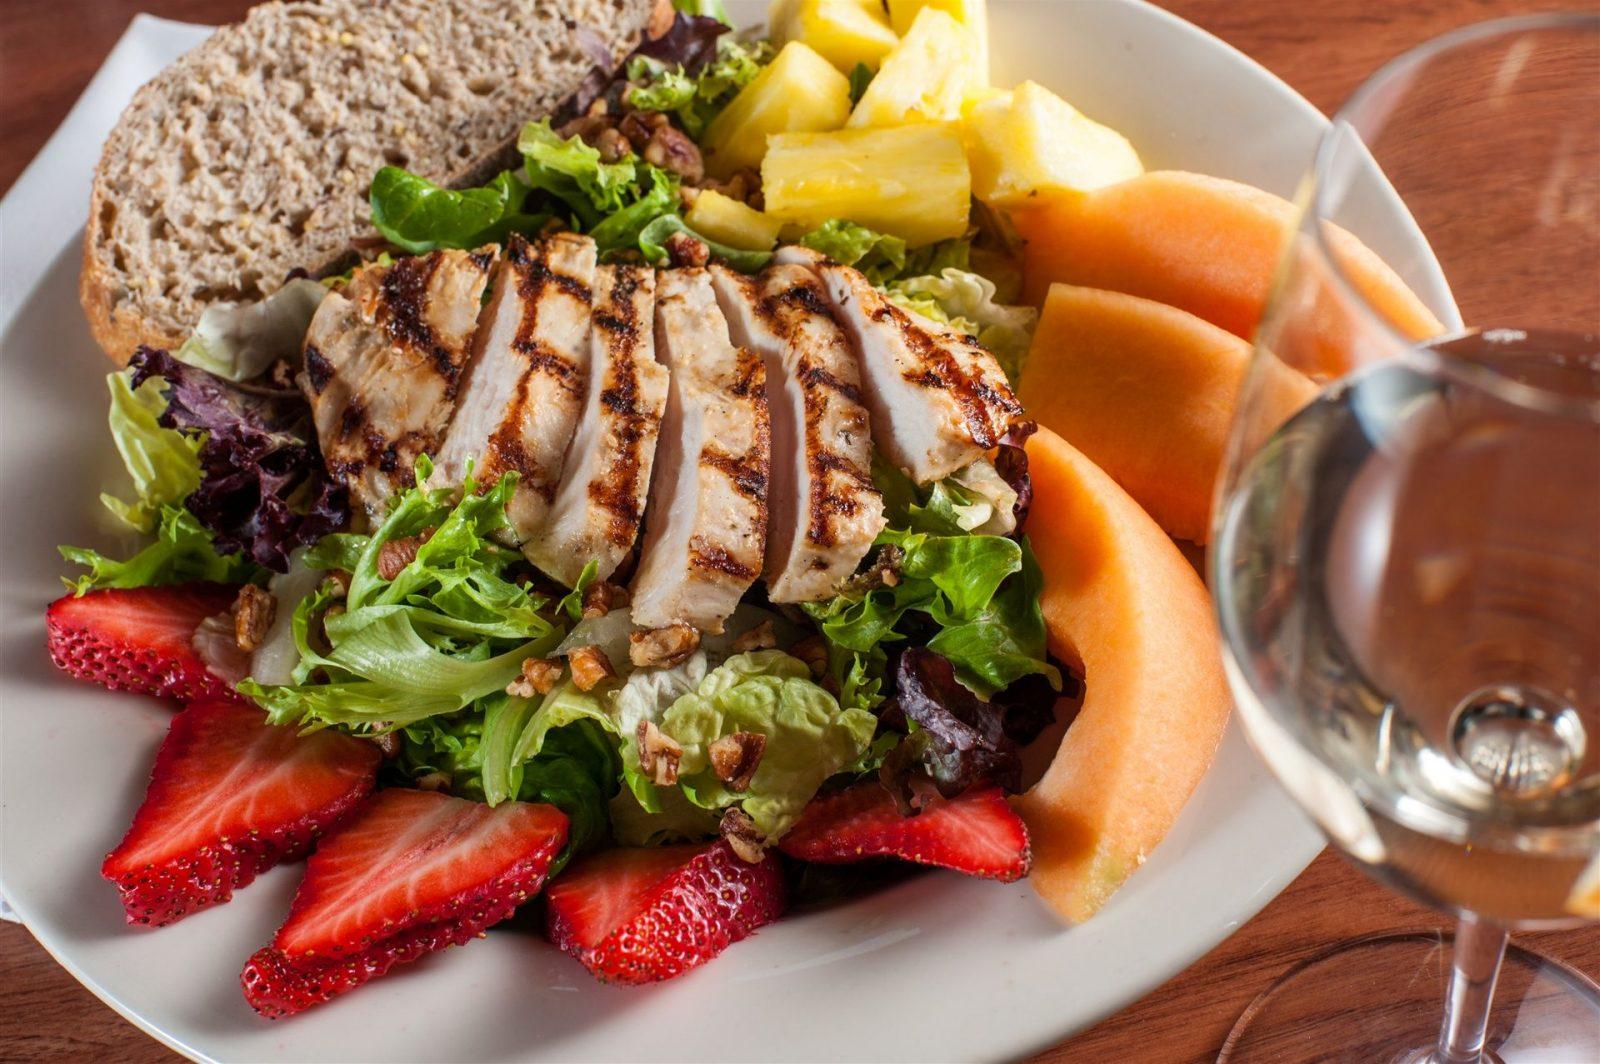 Ako planirate da ostanete vitki i zgodni, obavezno ručajte pre 3 popodne.